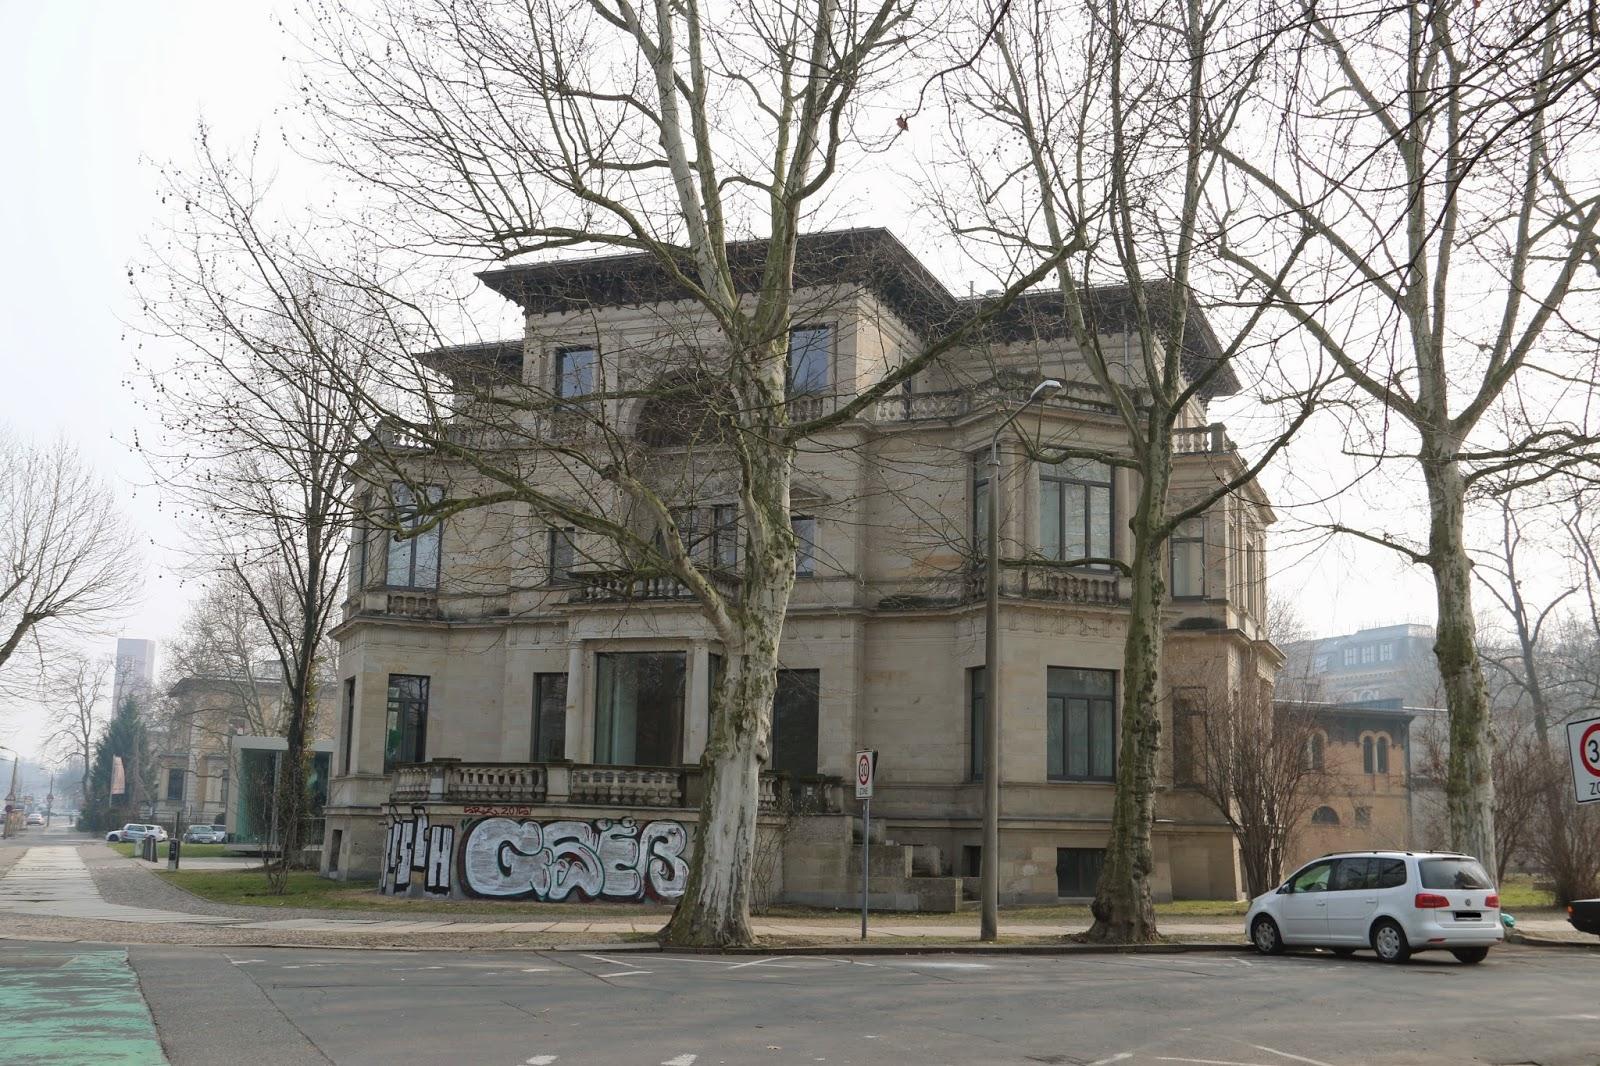 """Die dreigeschossige sogenannte """"Herfurthsche Villa"""" in der Karl-Tauchnitz-Straße wurde eigentlich für den Geologen Hermann Credner in den Jahren 1892 bis 1894 erbaut, aus diesem Grund würde ich sie vielleicht lieber """"Villa Credner"""" nennen"""